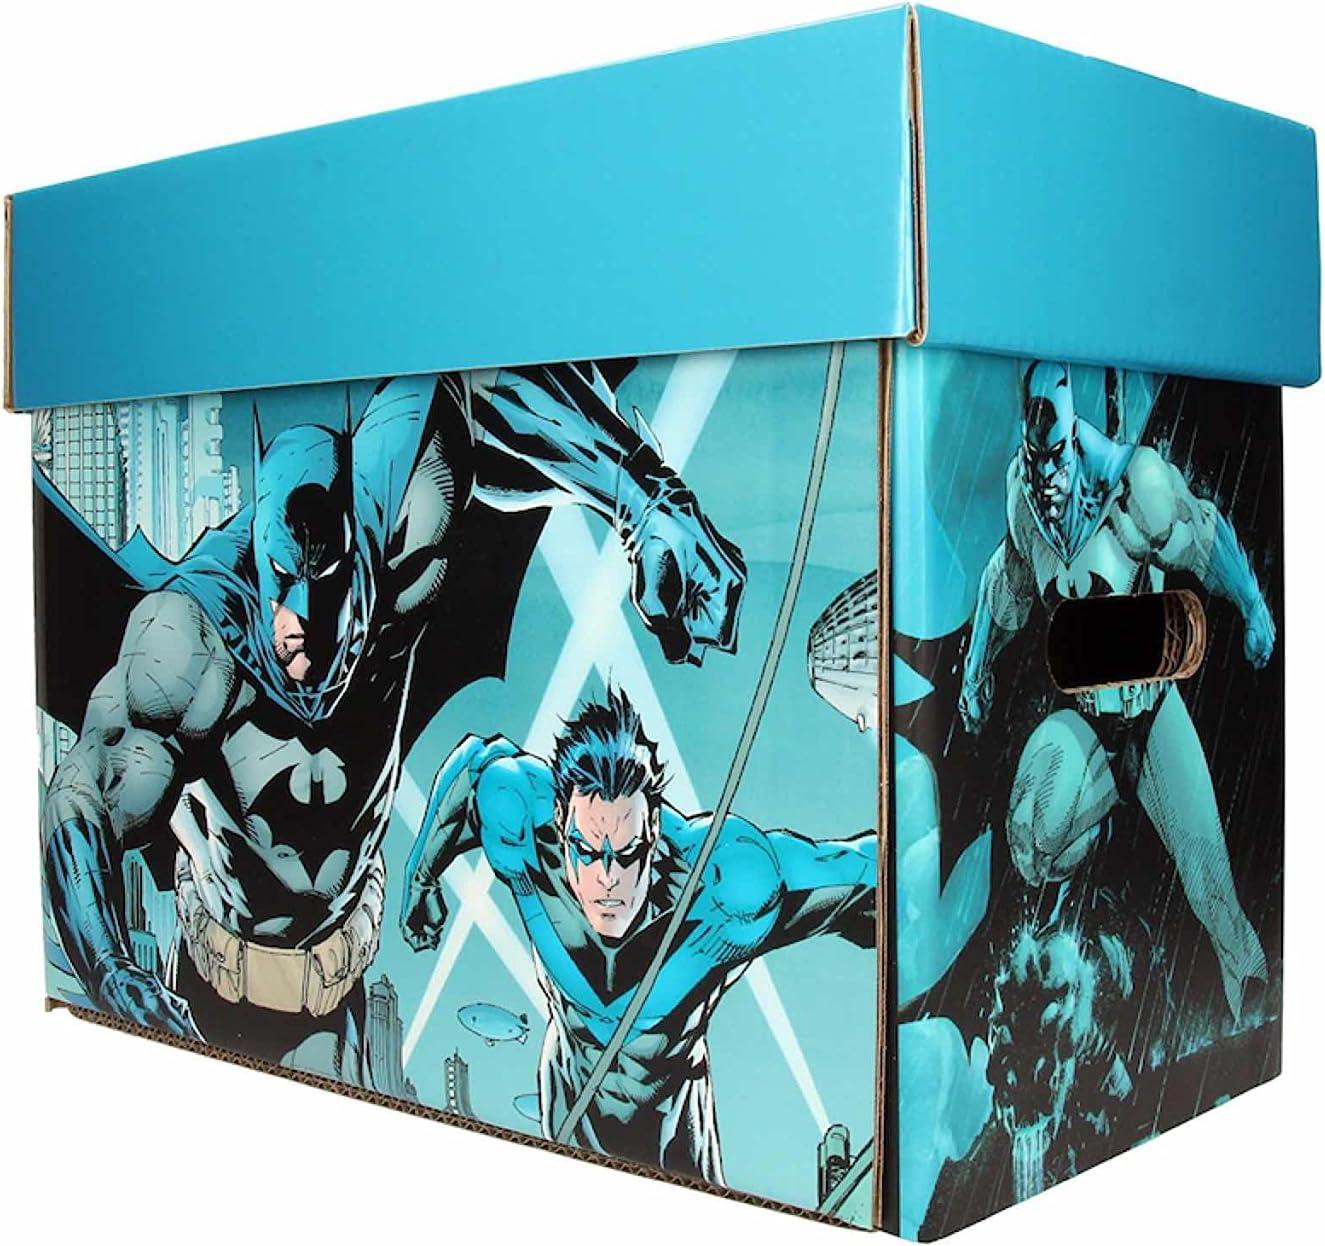 SD Toys SDTWRN21749 - Caja para Comics: Amazon.es: Oficina y papelería